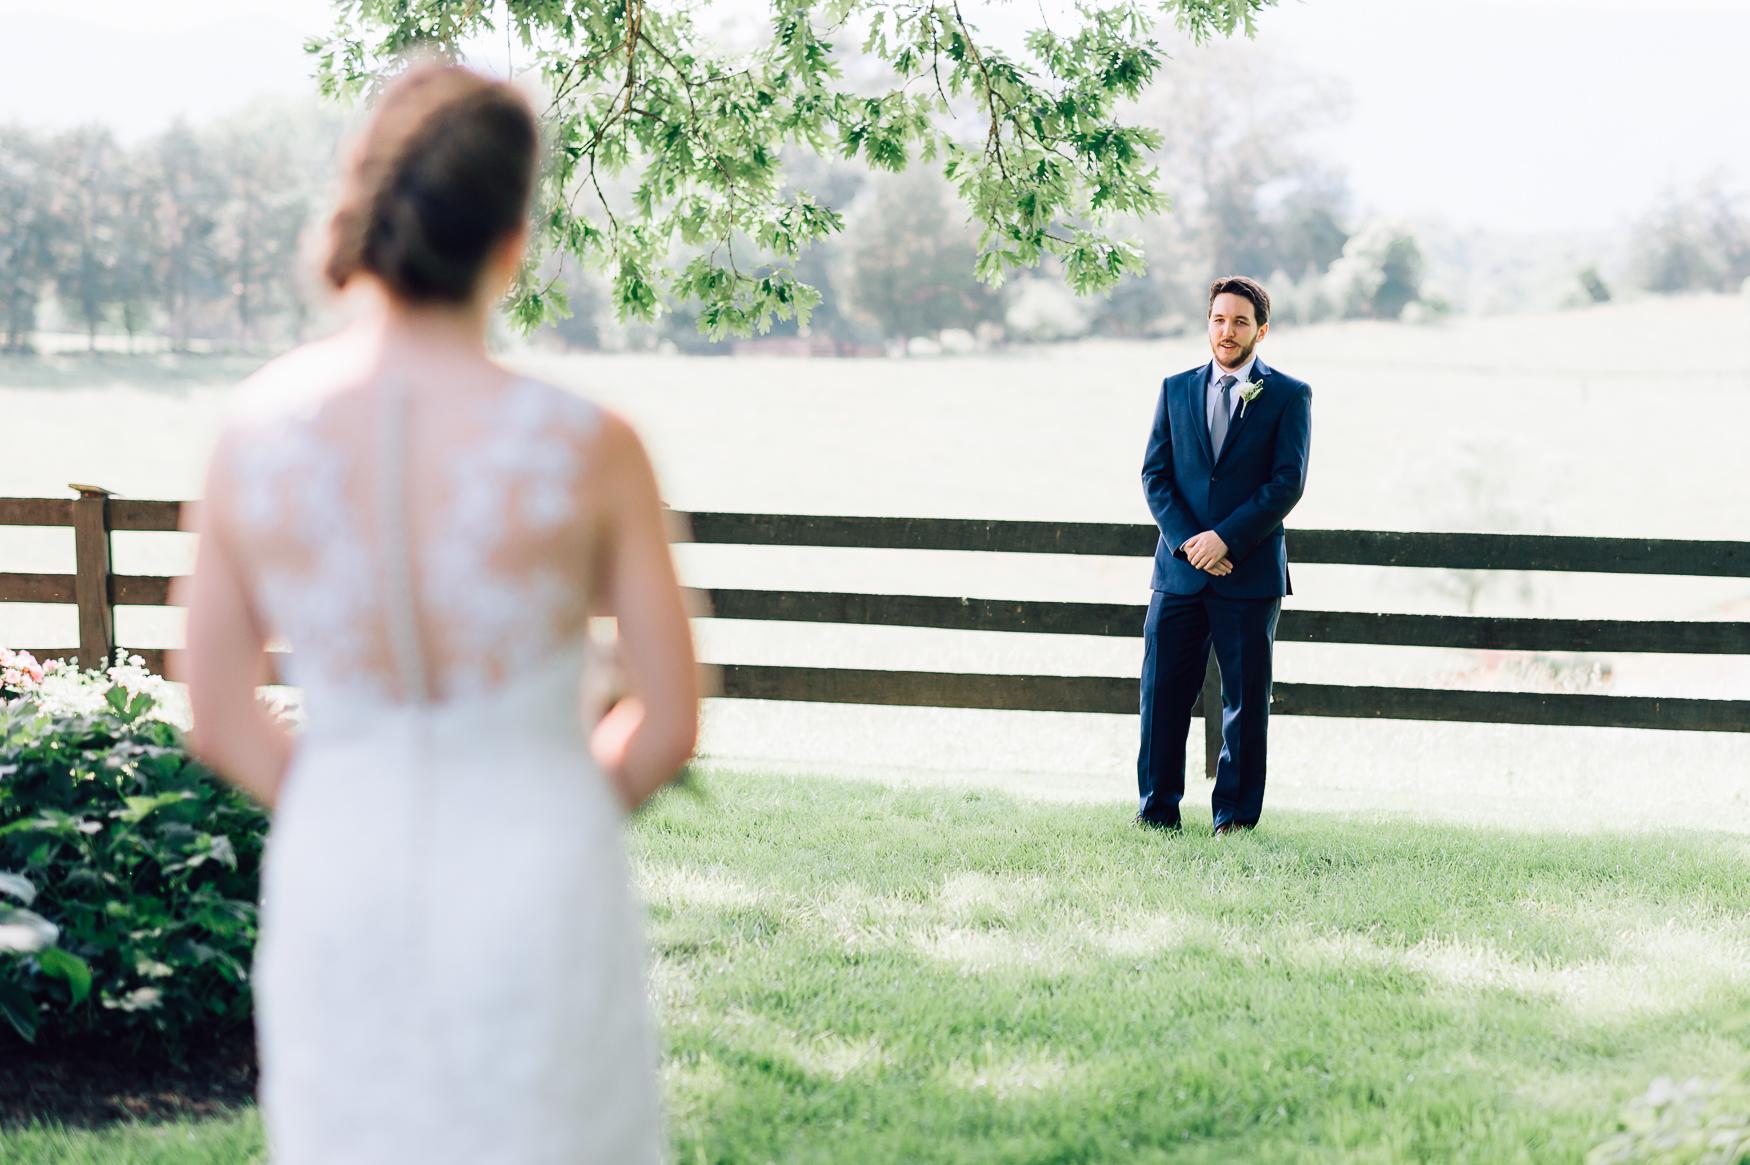 charlottesvillewedding_backyardwedding_virginia_youseephotography_CaitlinDerek (14).jpg